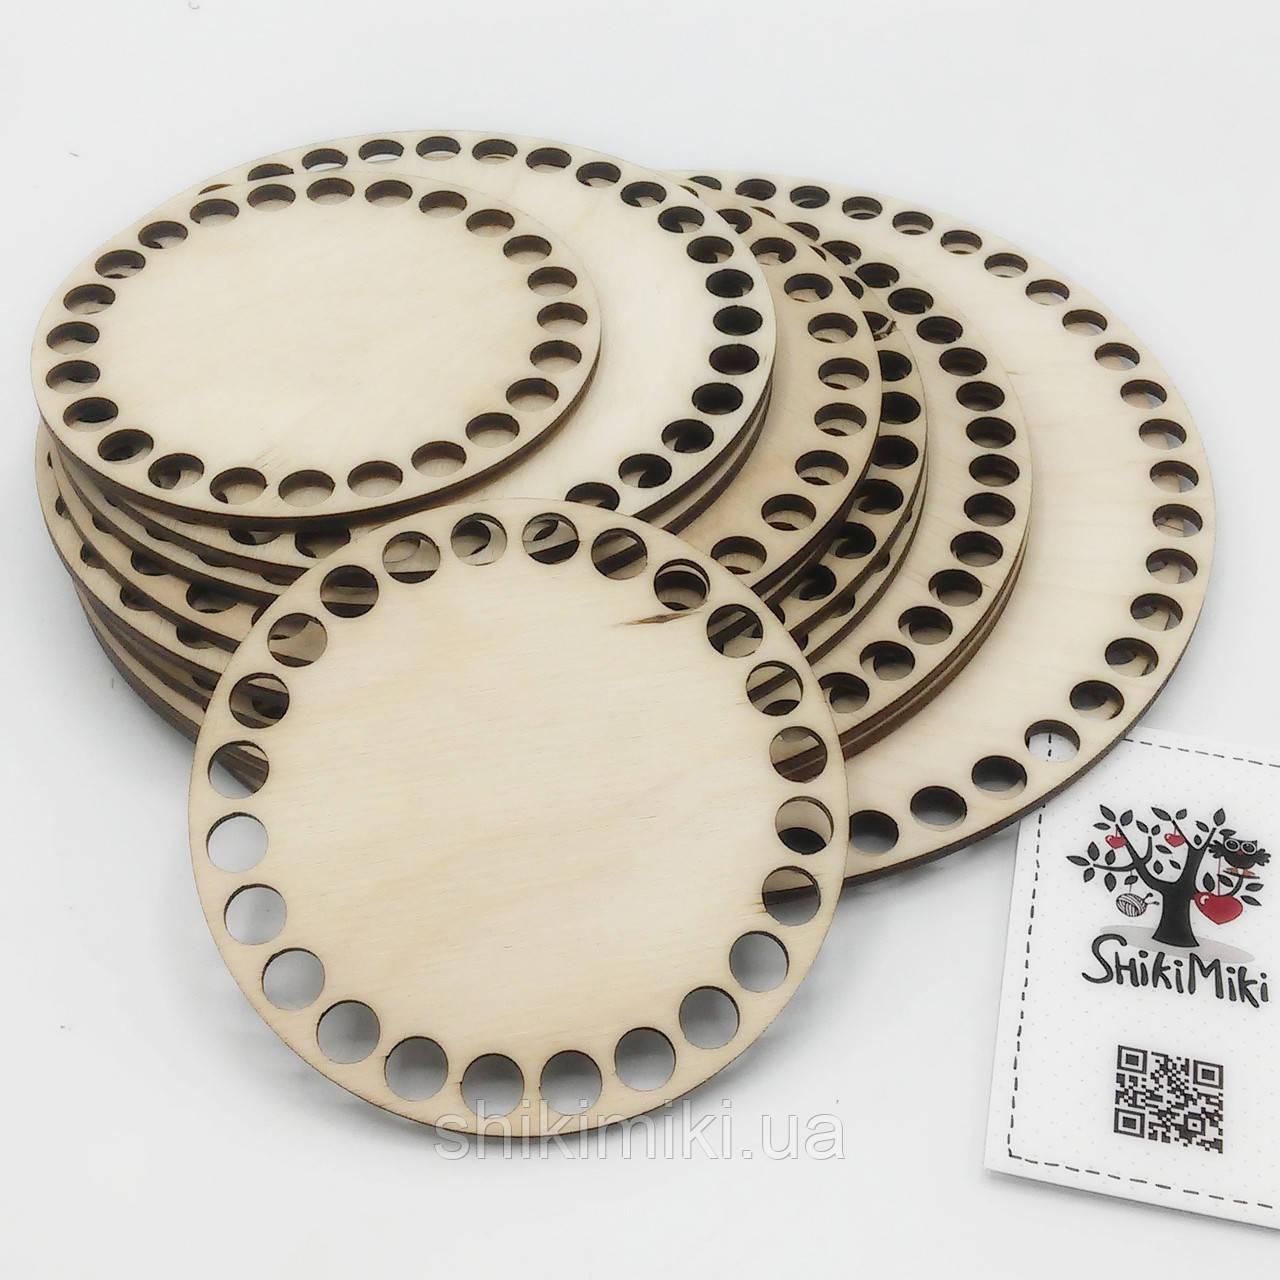 Заготовка из фанеры круглая (10 см)